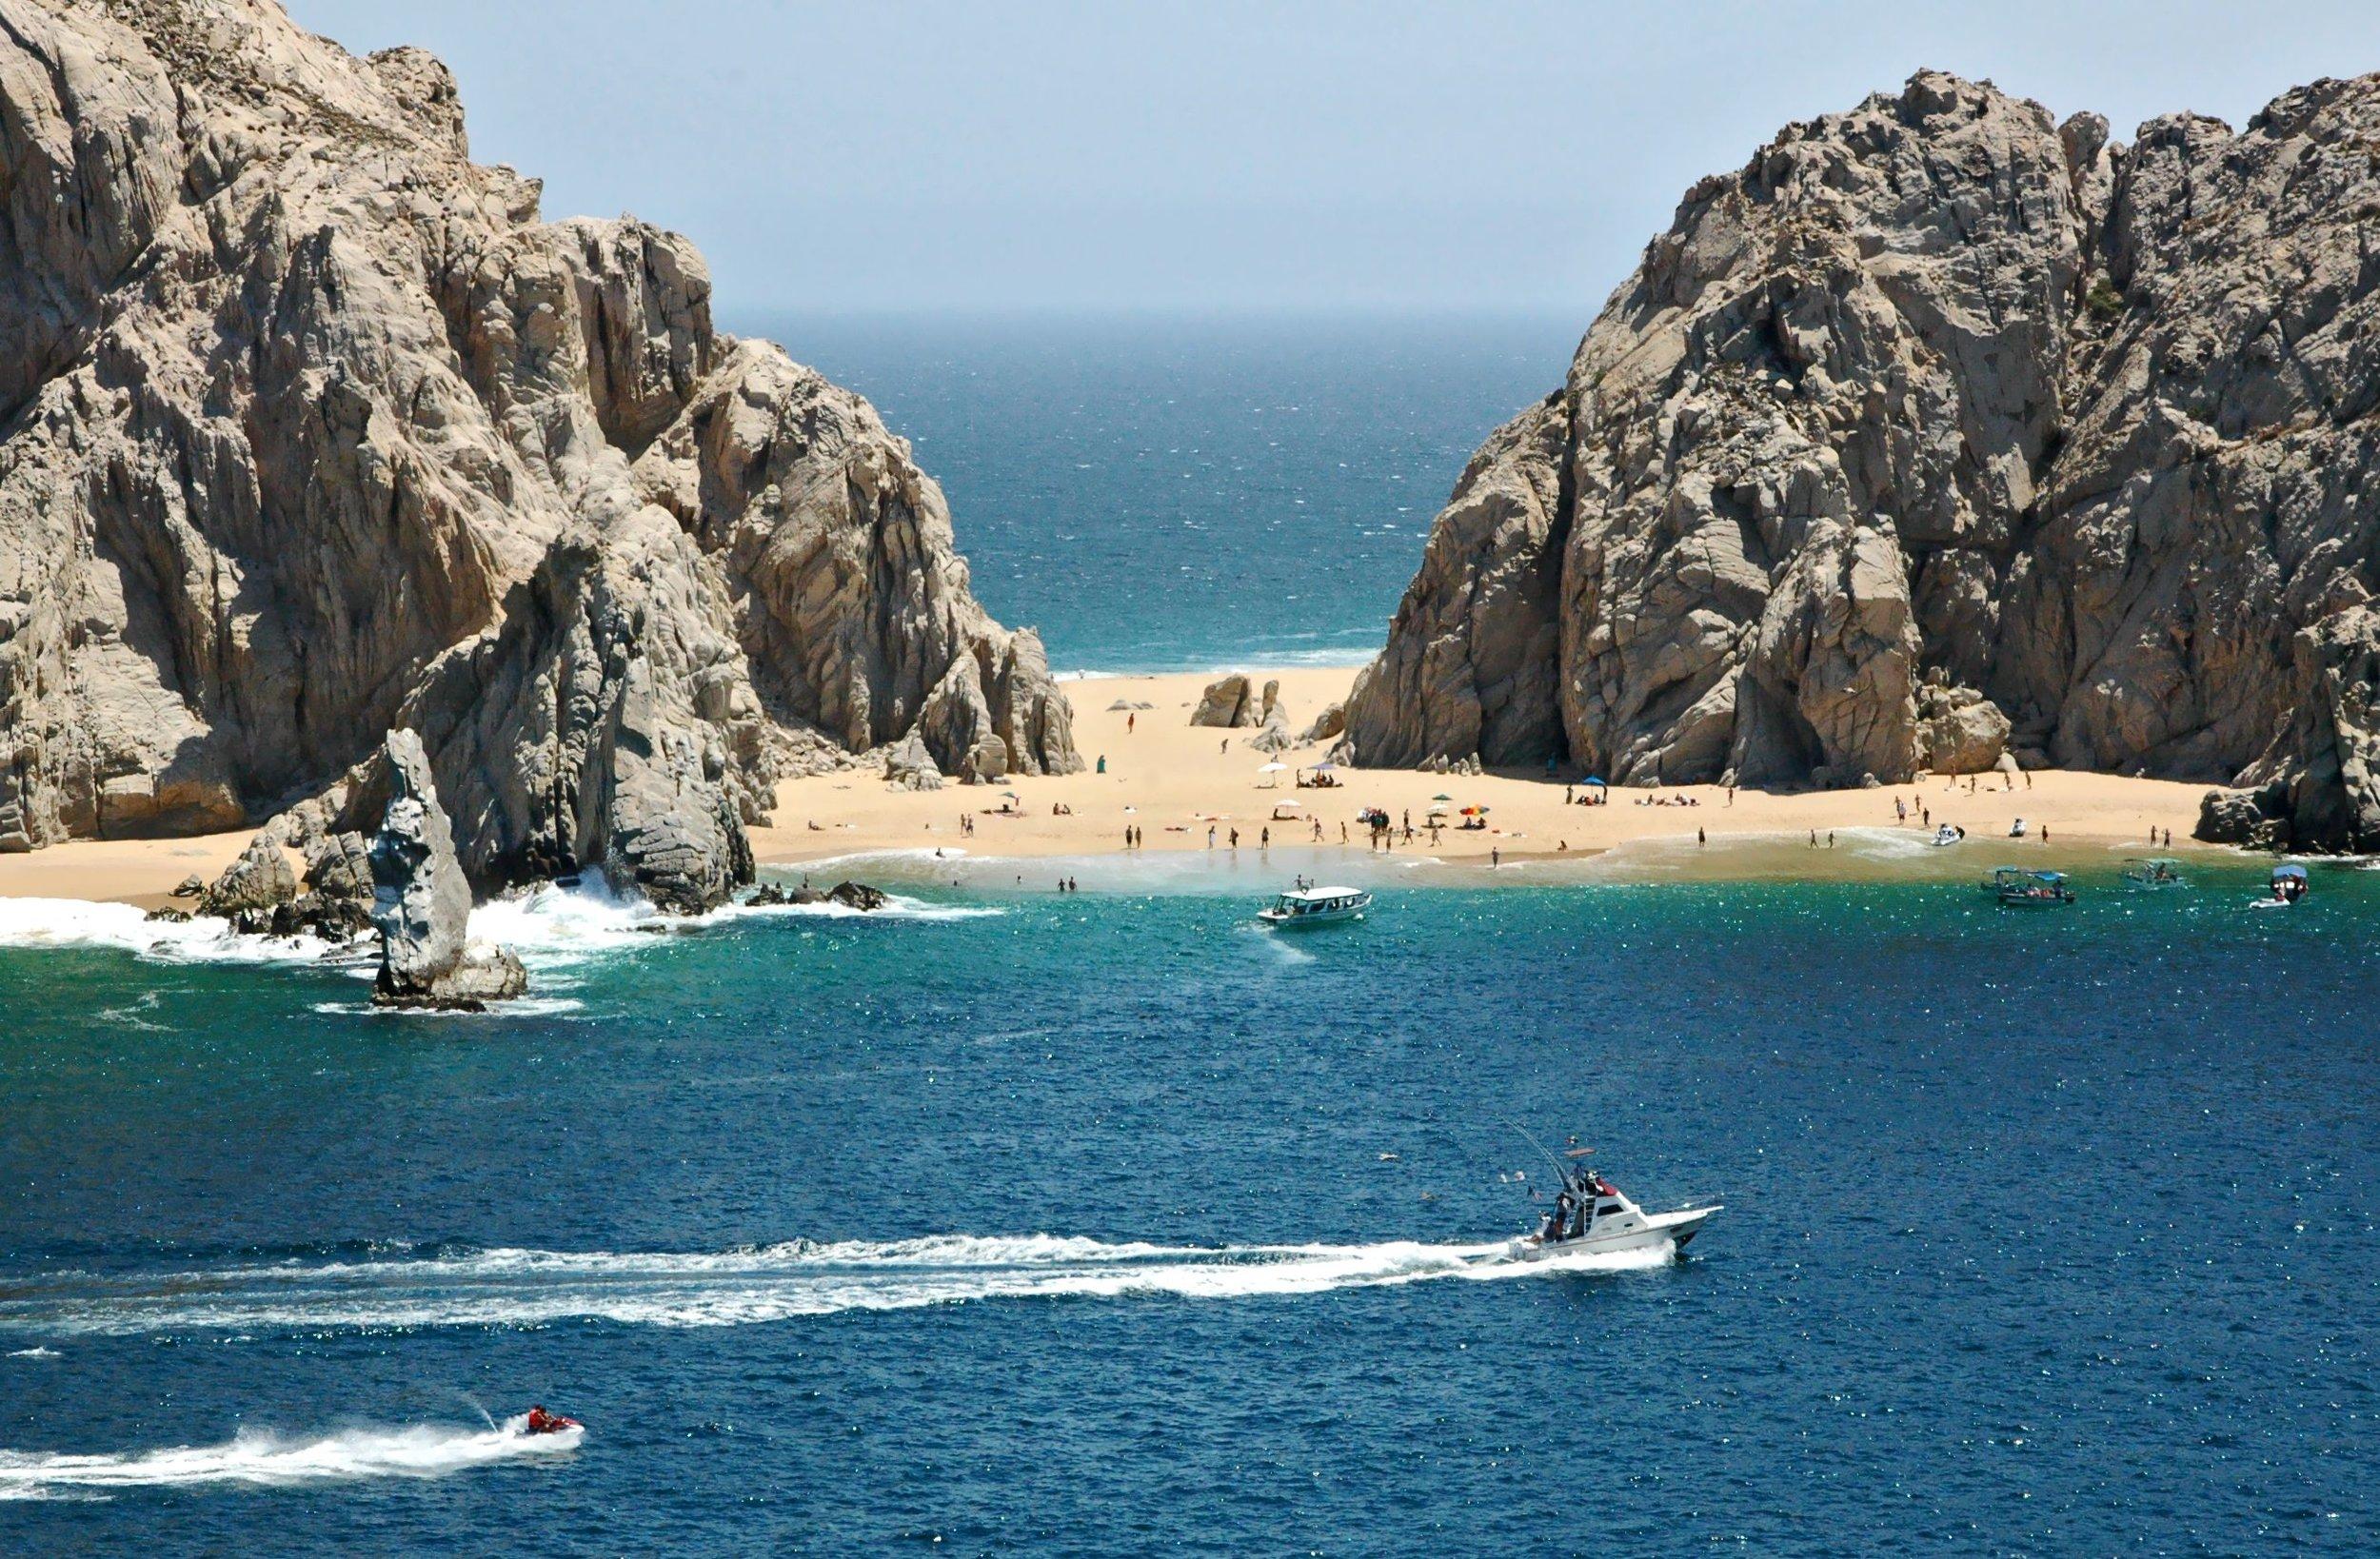 La plage des amoureux (Lover's Beach), accessible uniquement par bateau, est très populaire auprès des touristes